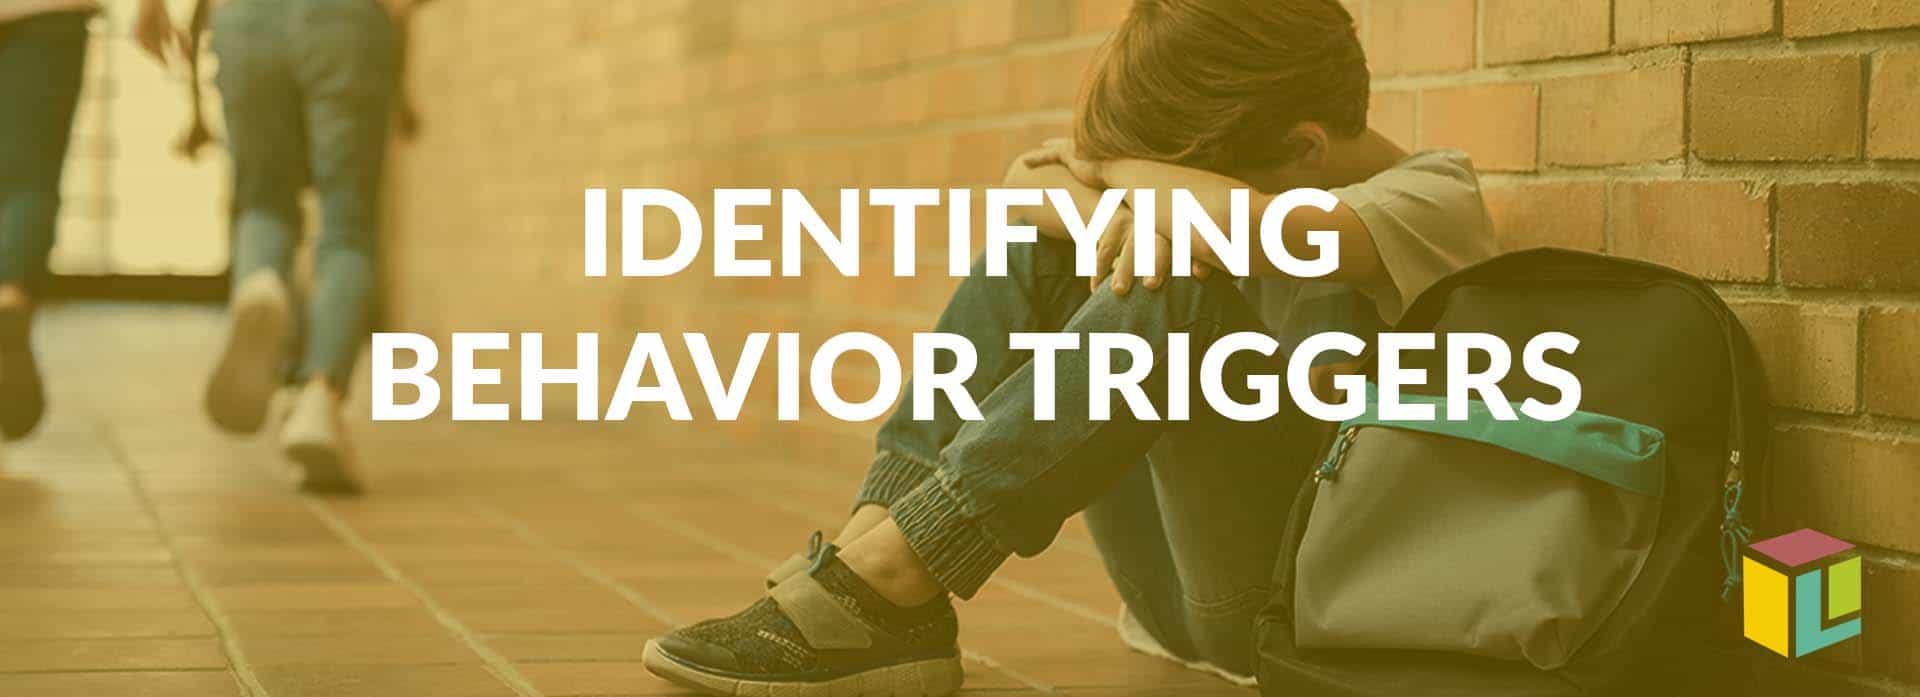 Identify Behavior Triggers To Promote Positive Behavior